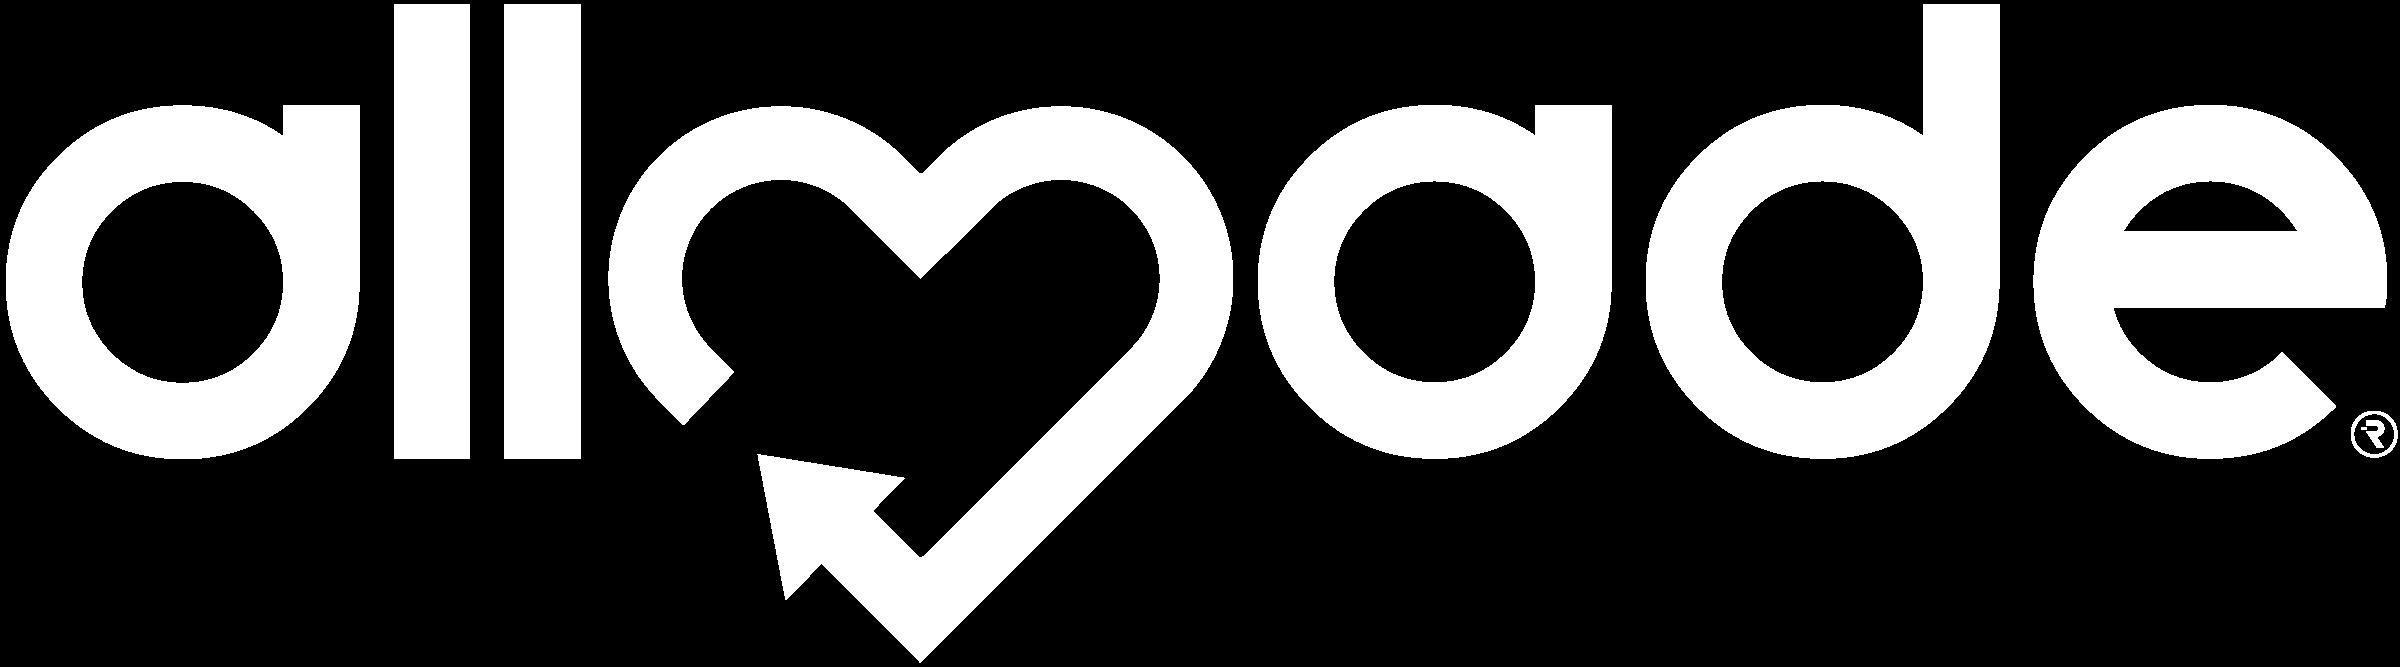 Allmade Apparel logo